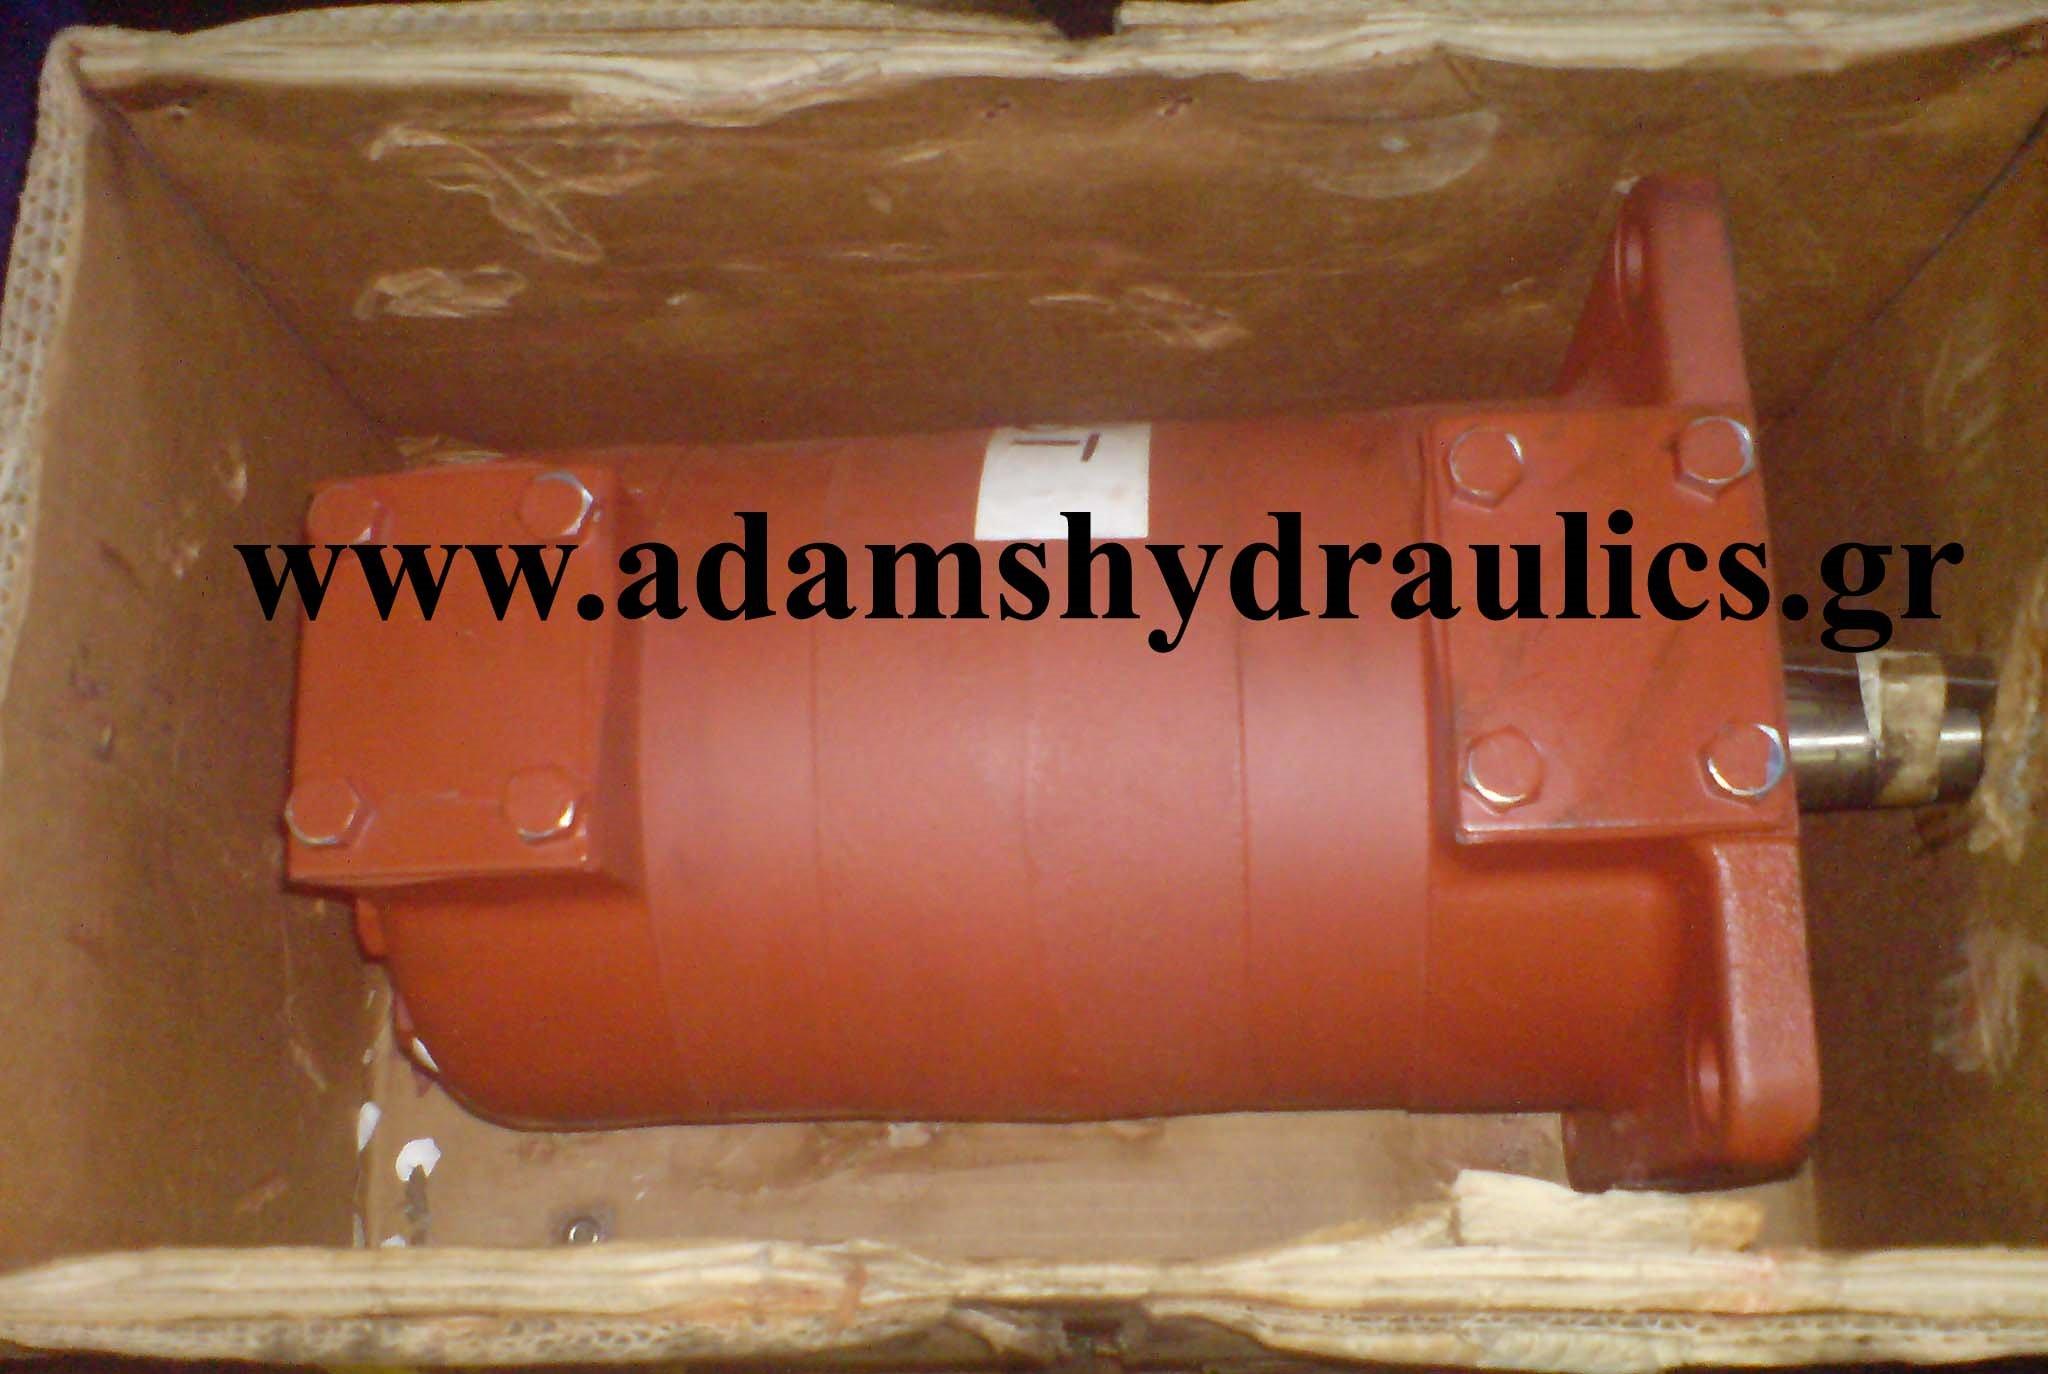 ADAMS HYDRAULICS GREECE SELLS IHI HYDRAULIC PUMPS 66N or 66P 67-67